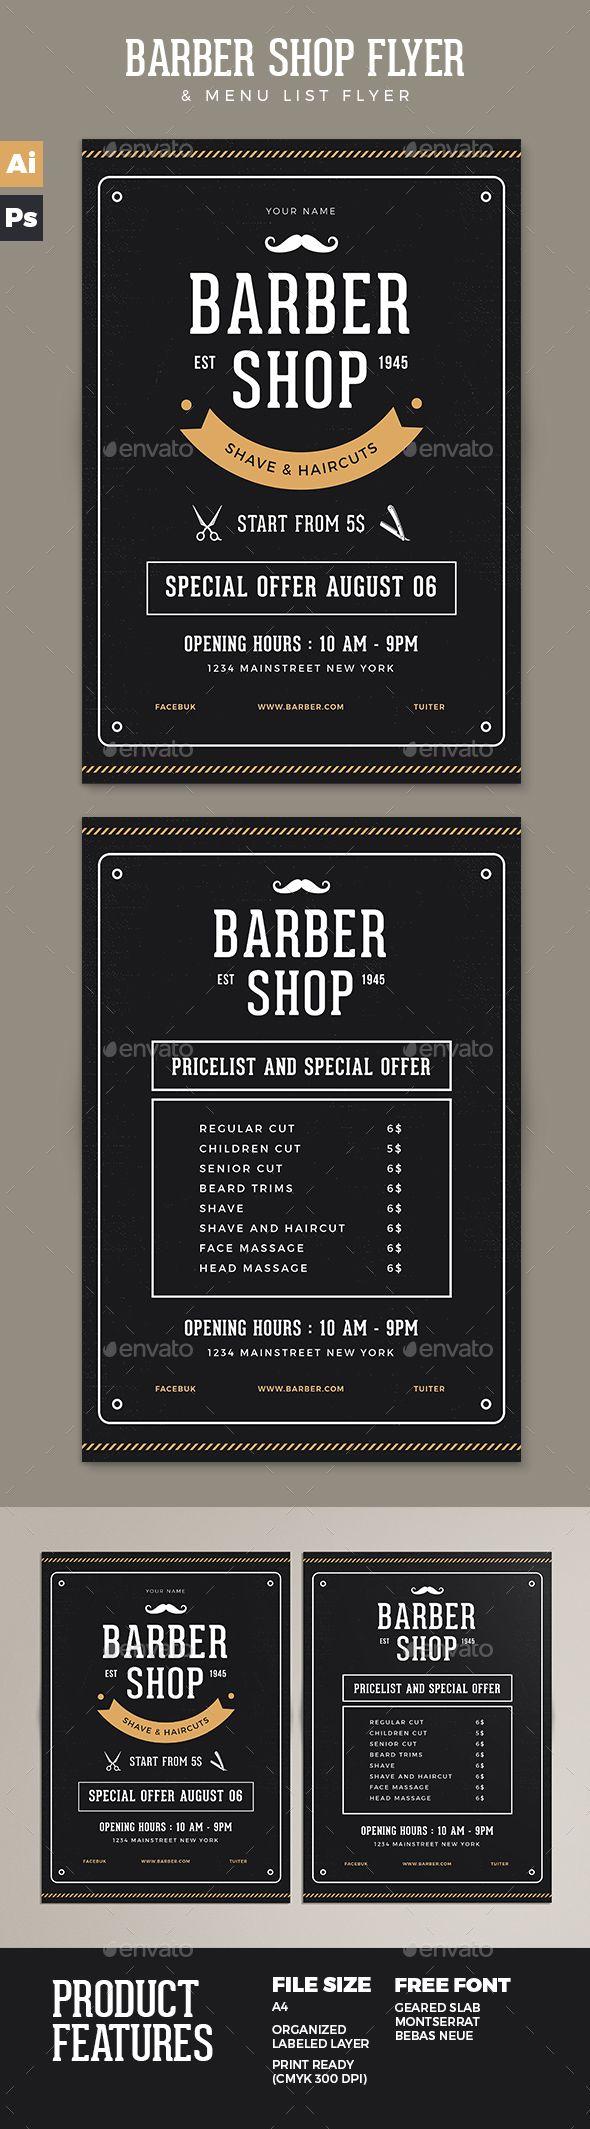 Barber Shop Flyer Template PSD, AI Illustrator. Download here: https://graphicriver.net/item/barber-shop-flyer/17258298?ref=ksioks